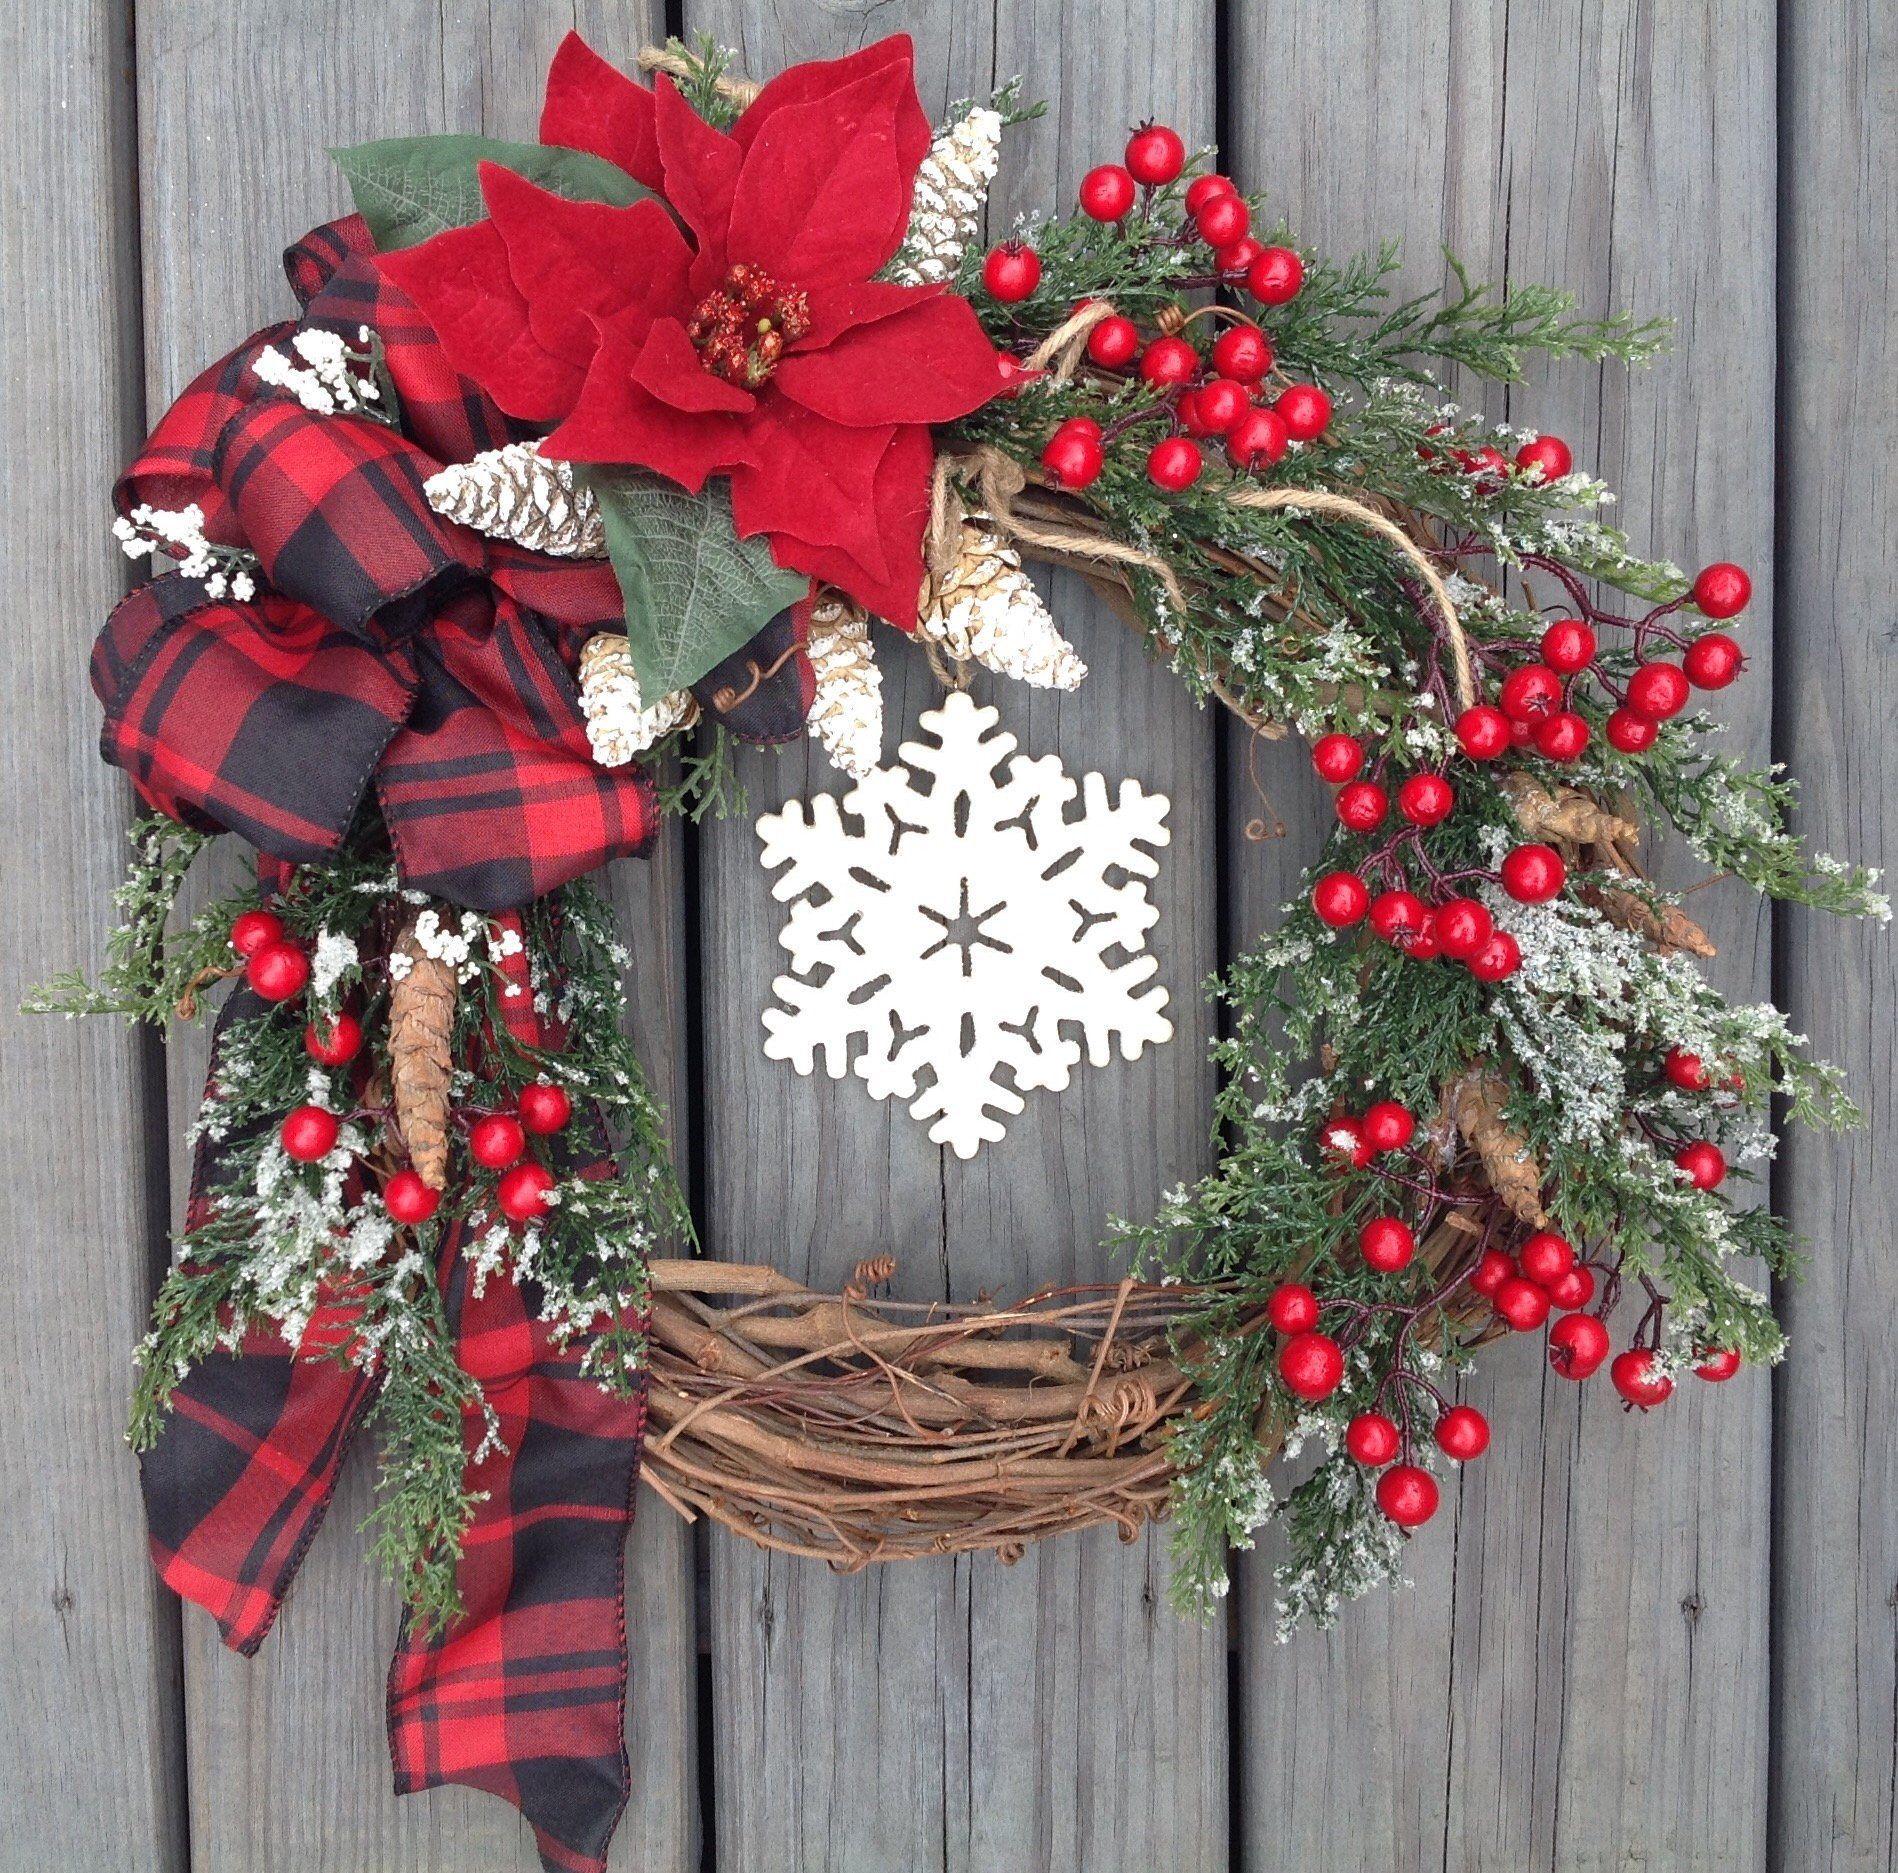 Small Christmas Wreaths.Small Christmas Wreath For Front Door Red Berries Snowflake